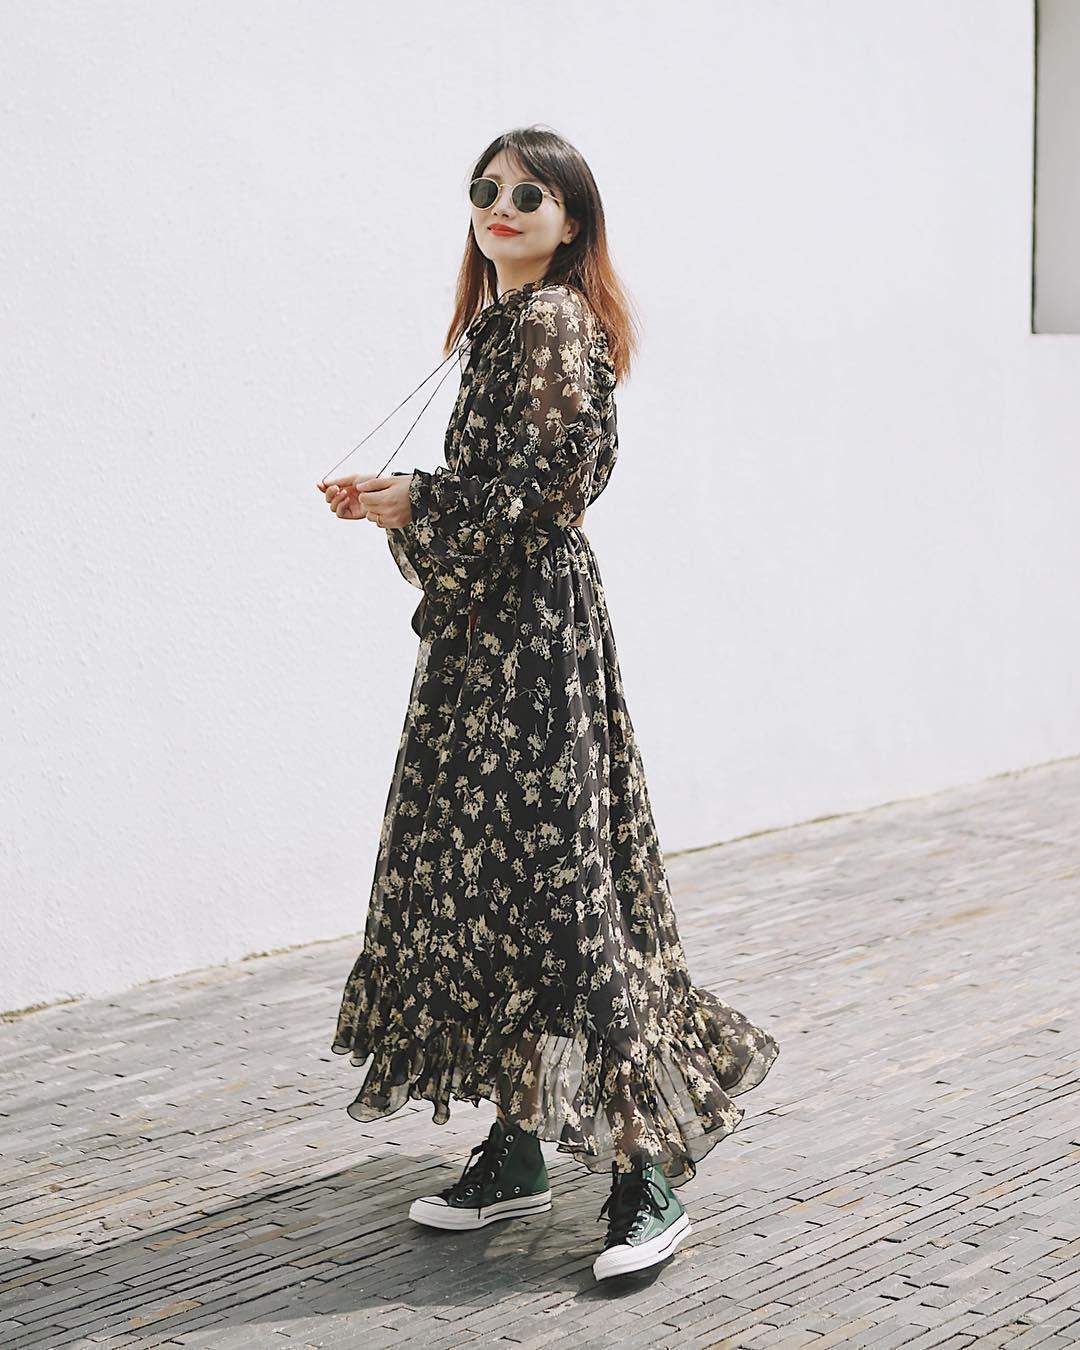 Bỗng thấy không kiểu váy nào vượt qua được váy dáng dài về độ sang chảnh, yêu kiều và hợp rơ với tiết trời se lạnh - Ảnh 5